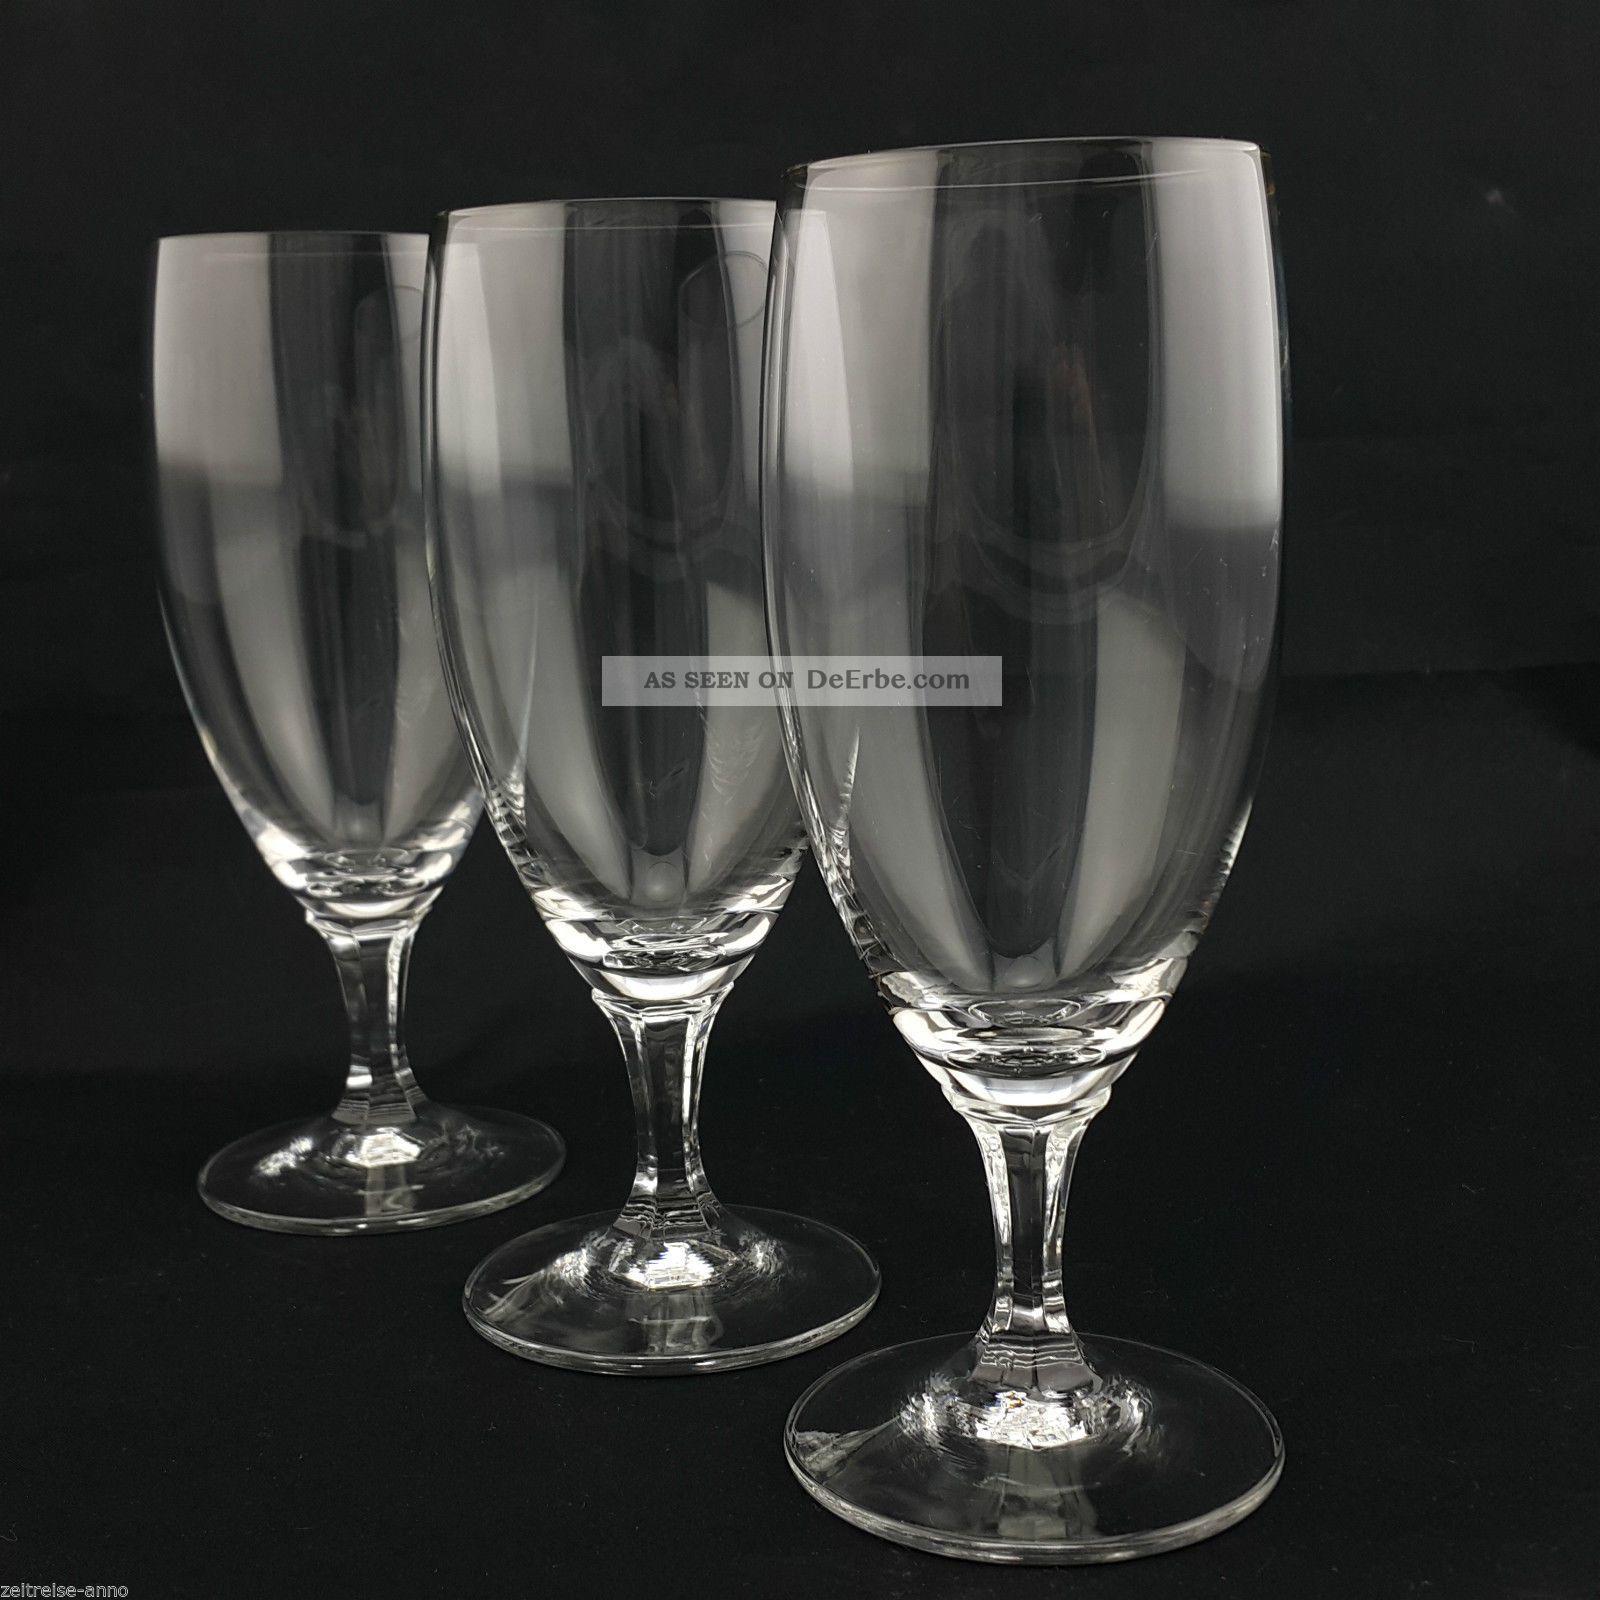 3 Vintage Kristall Biertulpen Biergläser Pilsglas 18cm Hoch Zeitlos Modern Edel Kristall Bild